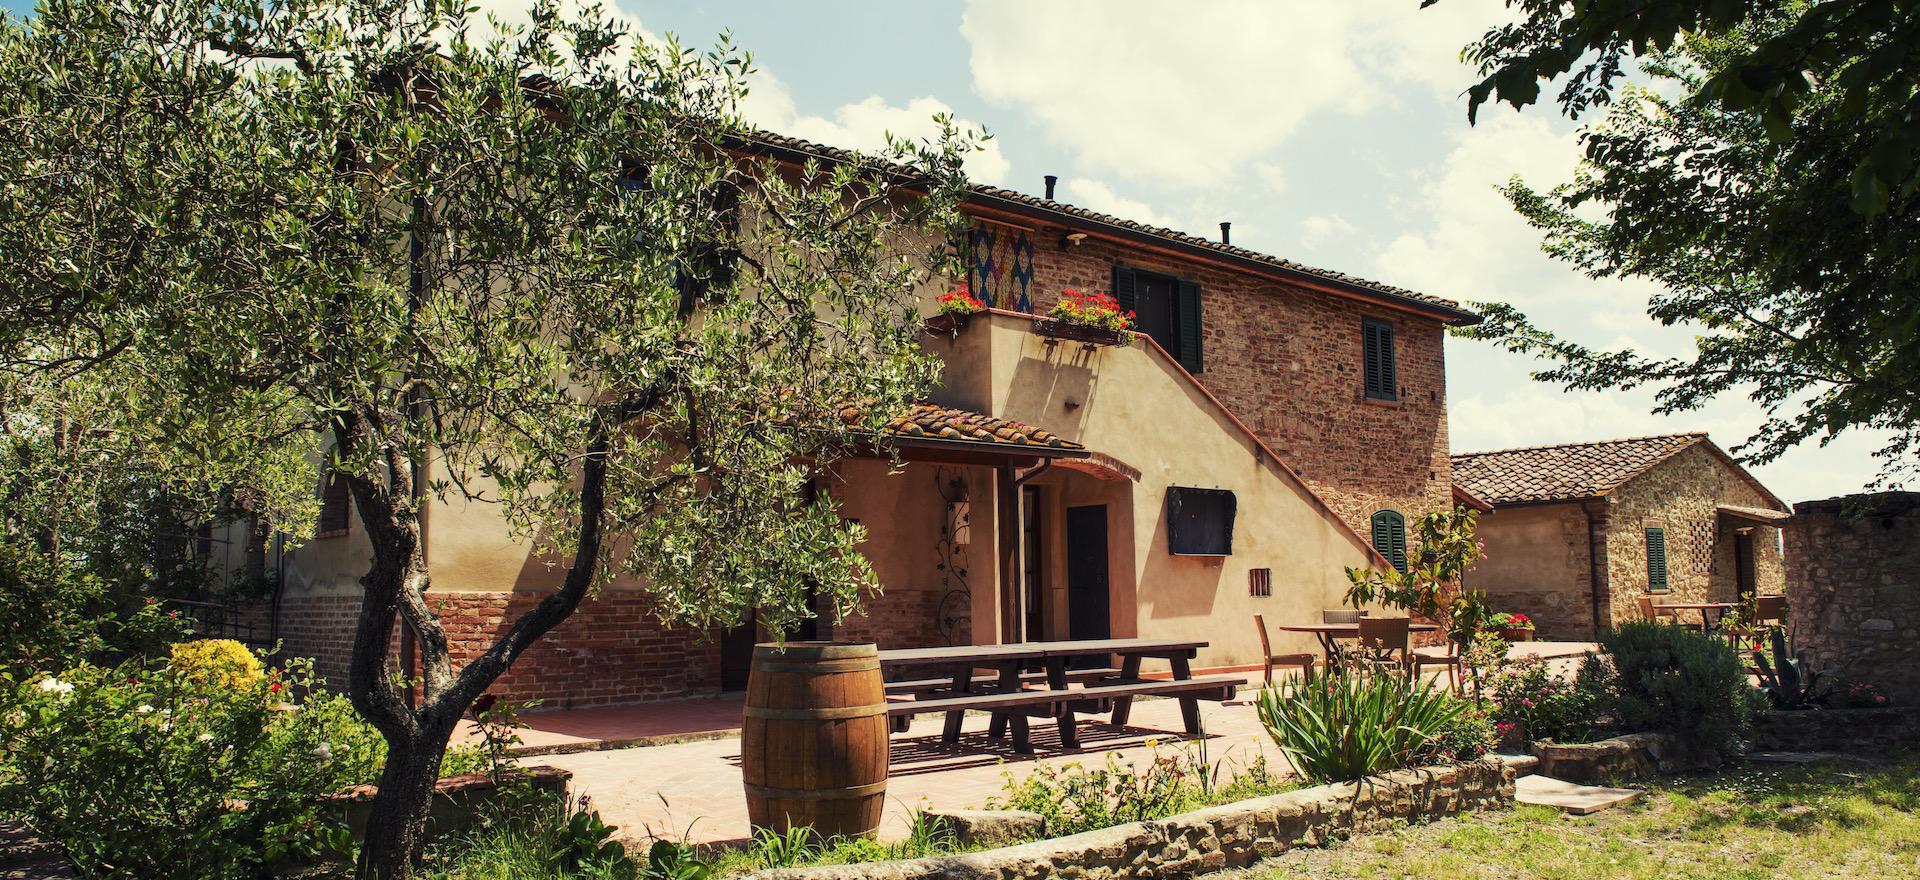 Agriturismo Toscana Agriturismo autentico in Toscana, splendida vista